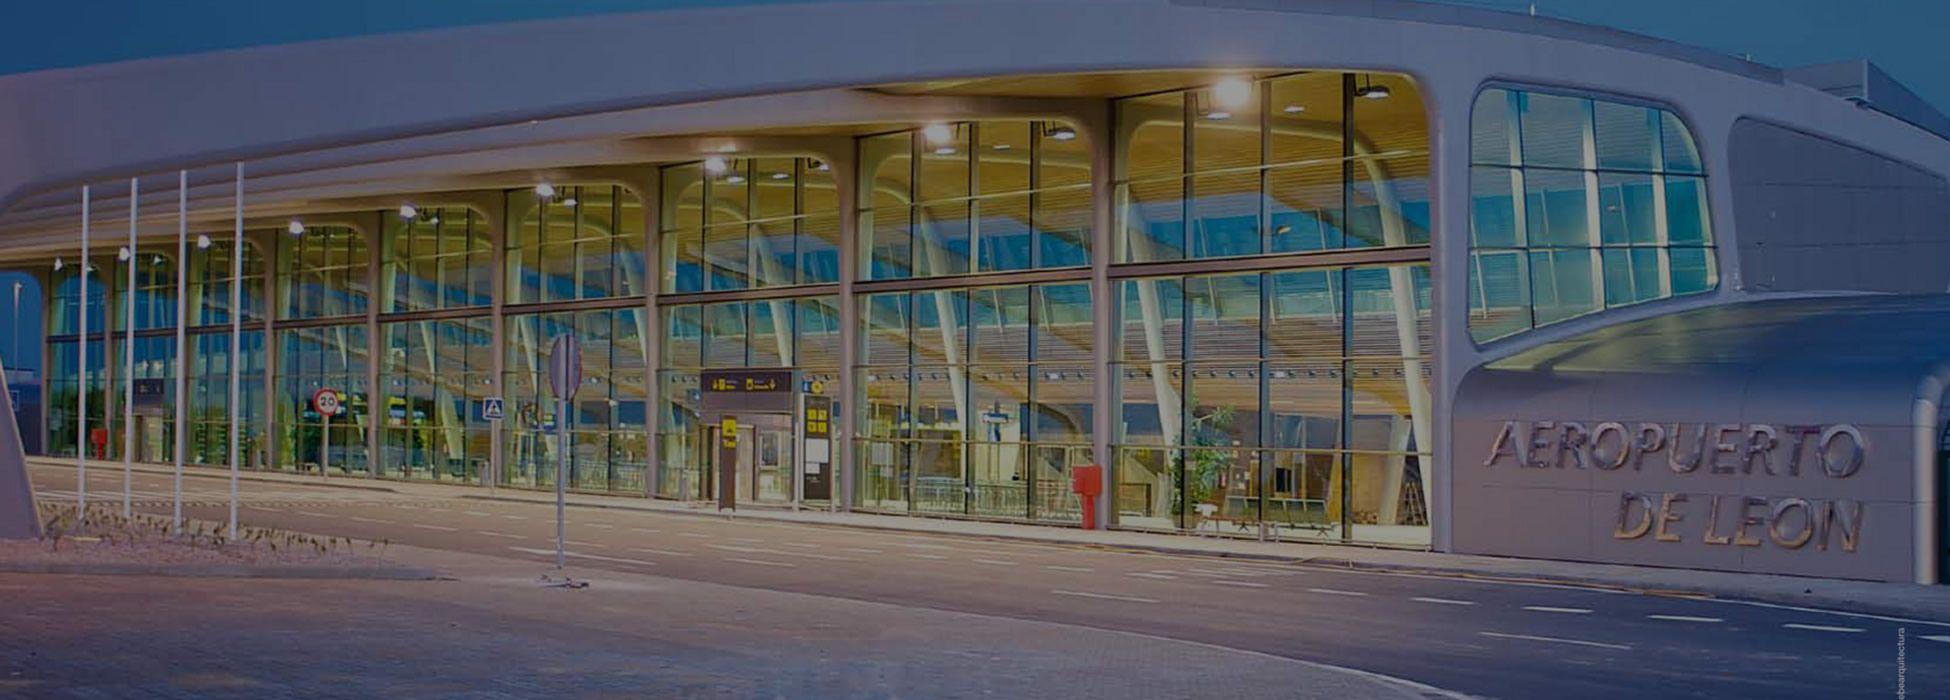 Adecuación a normativa de sala de inadmitidos en frontera en el Aeropuerto de León